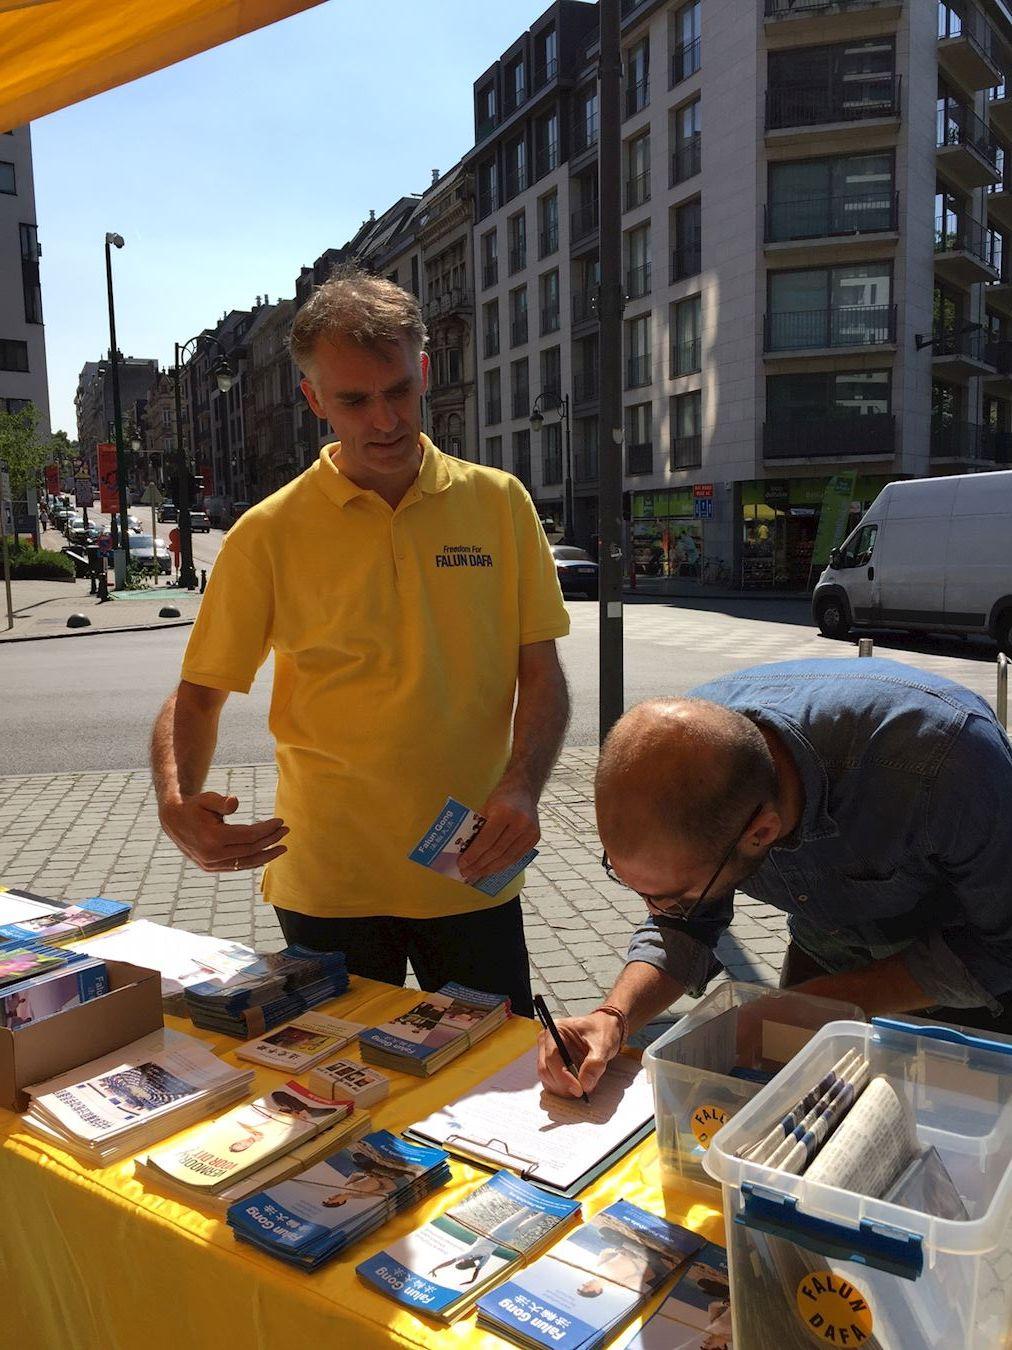 在歐洲議會工作的大衛(David Prino)在《要求比利時政府討論制止發生在中國的活摘法輪功學員器官的罪行》的征簽簿上簽名。(明慧網)